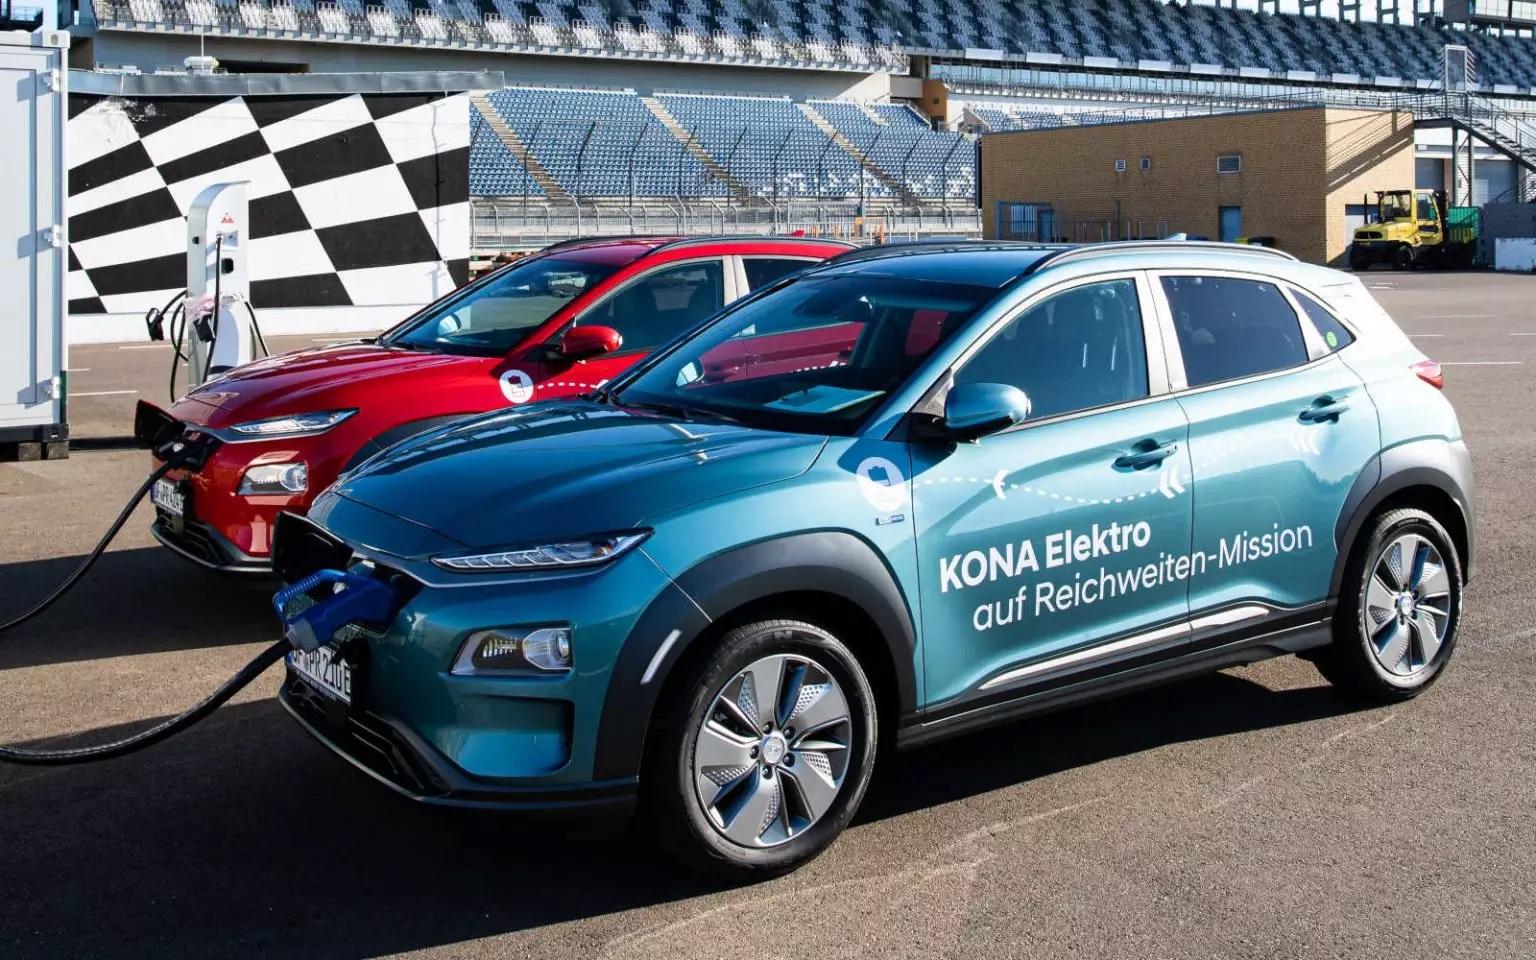 Több mint 1000 kilométert ment egy töltéssel a Hyundai Kona Electric